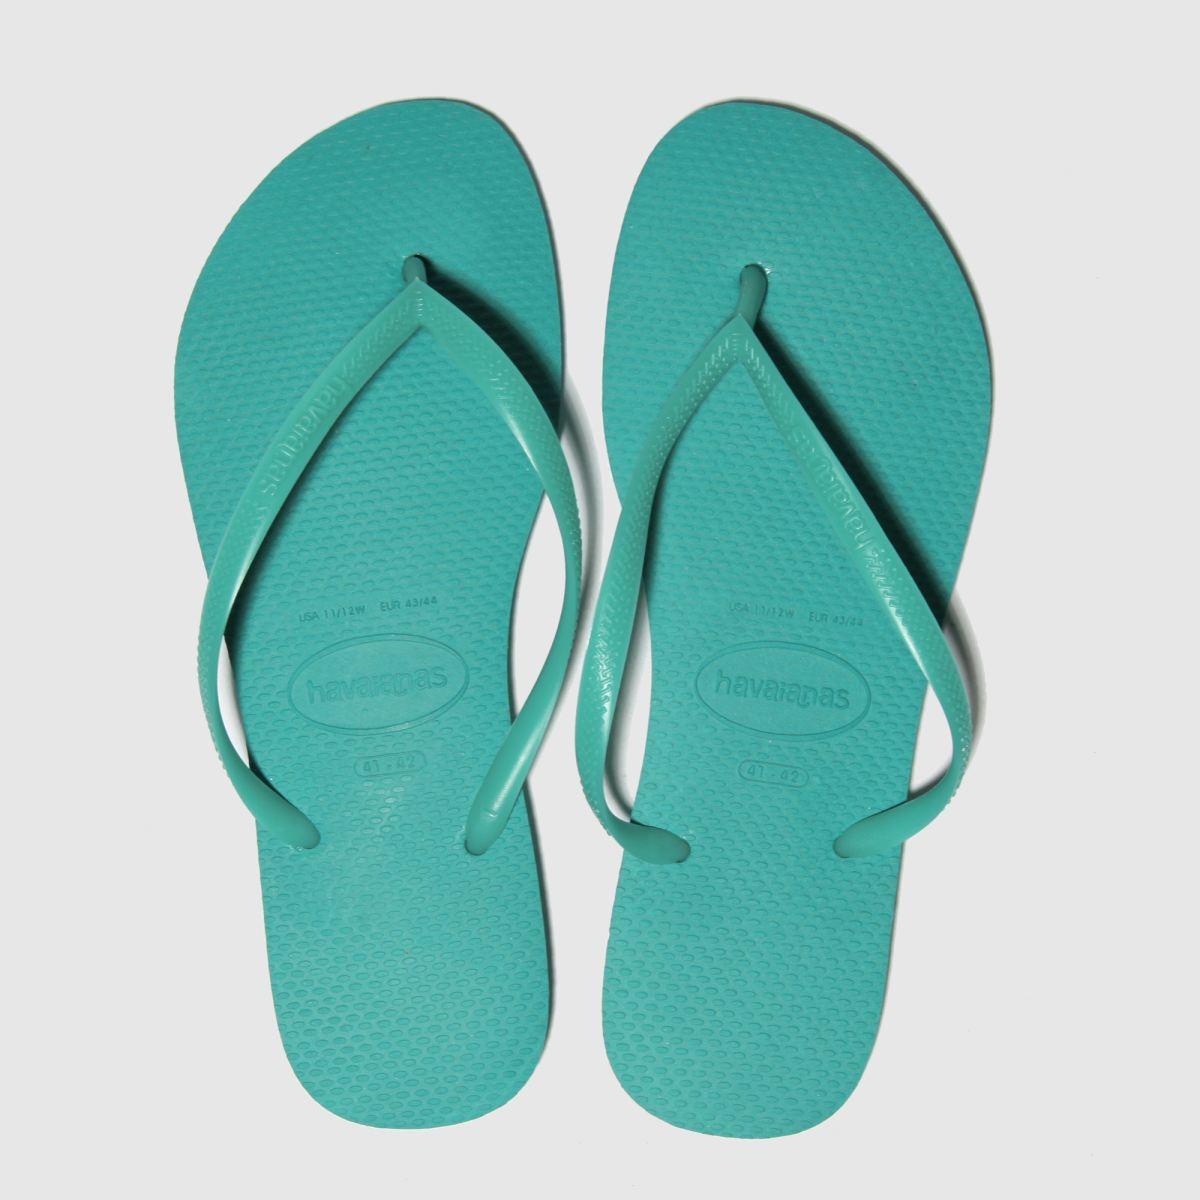 Havaianas Turquoise Slim Sandals